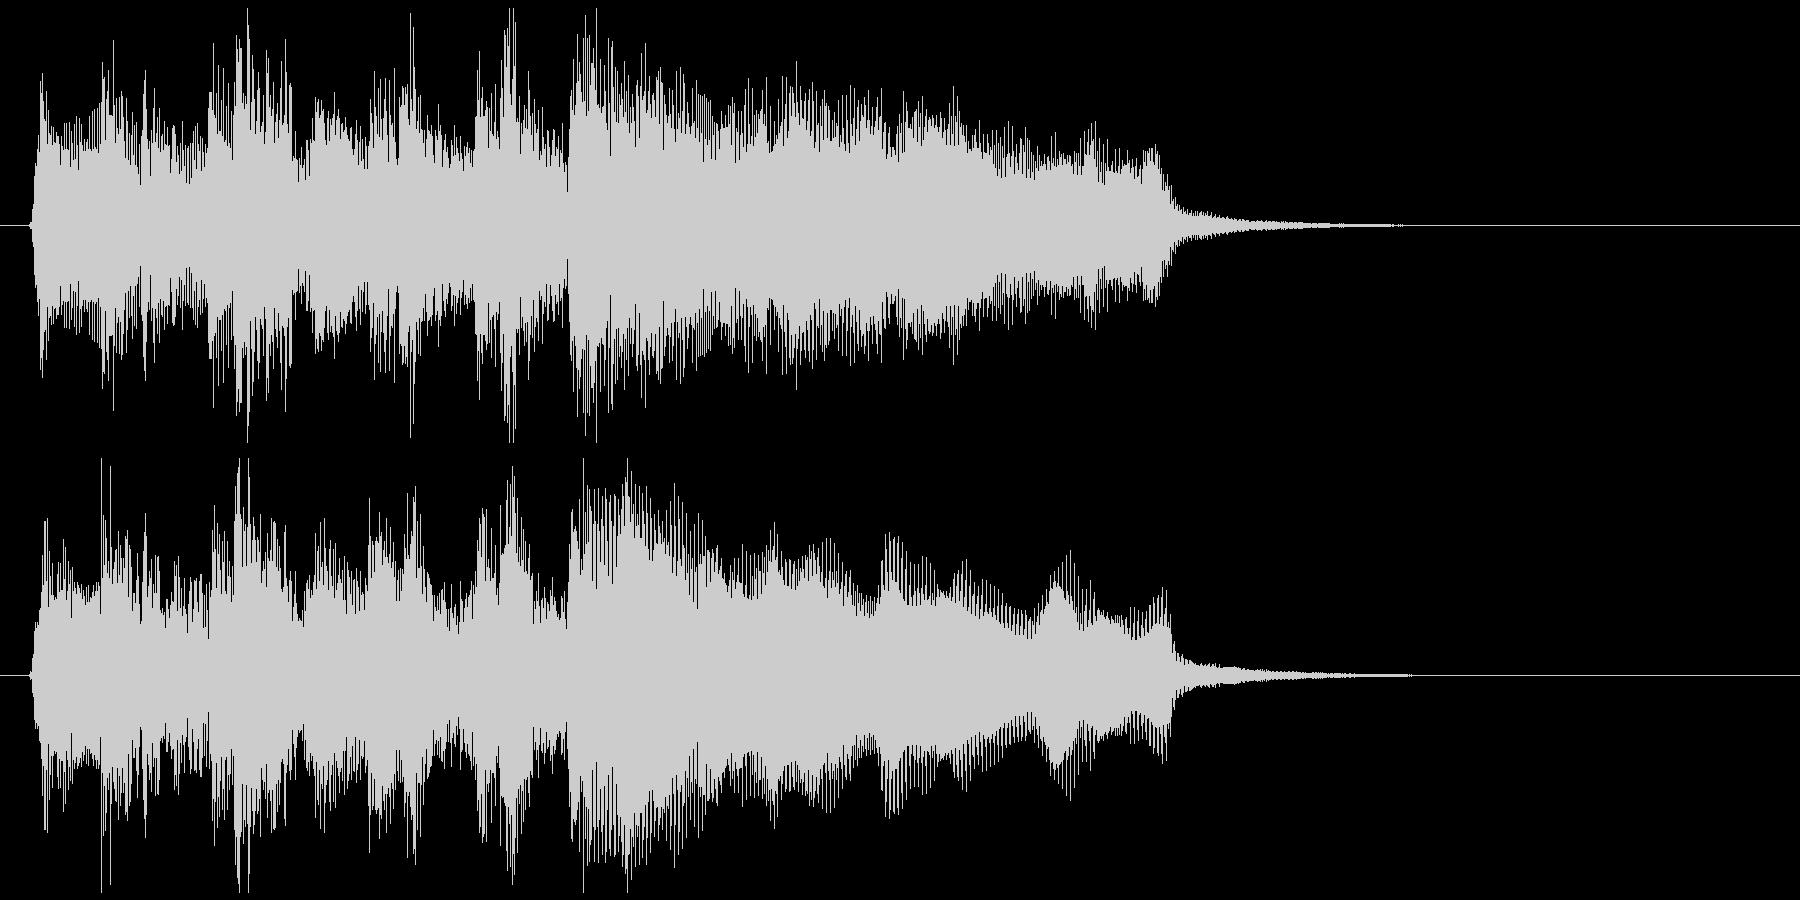 ラッパ、管楽器、ステージクリアのジングルの未再生の波形